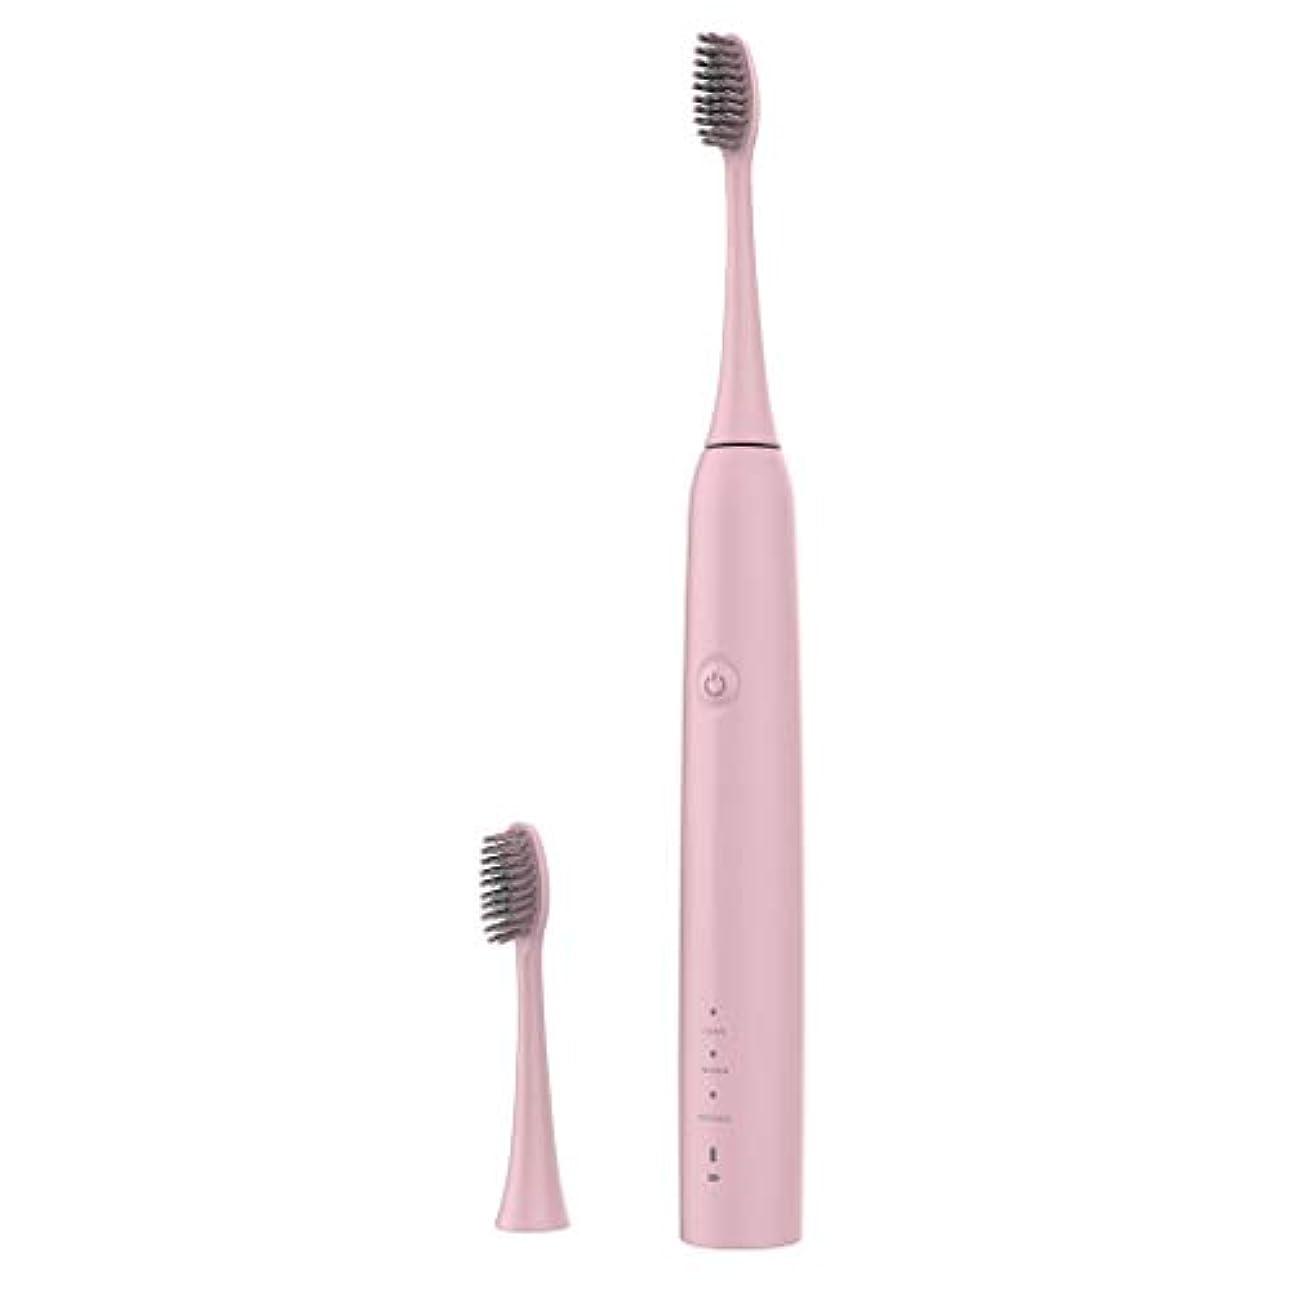 有効な読む覗くLazayyii 新しいT2P電動歯ブラシ 携帯用 口腔衛生 電気マッサージ 口腔ケア (ピンク)